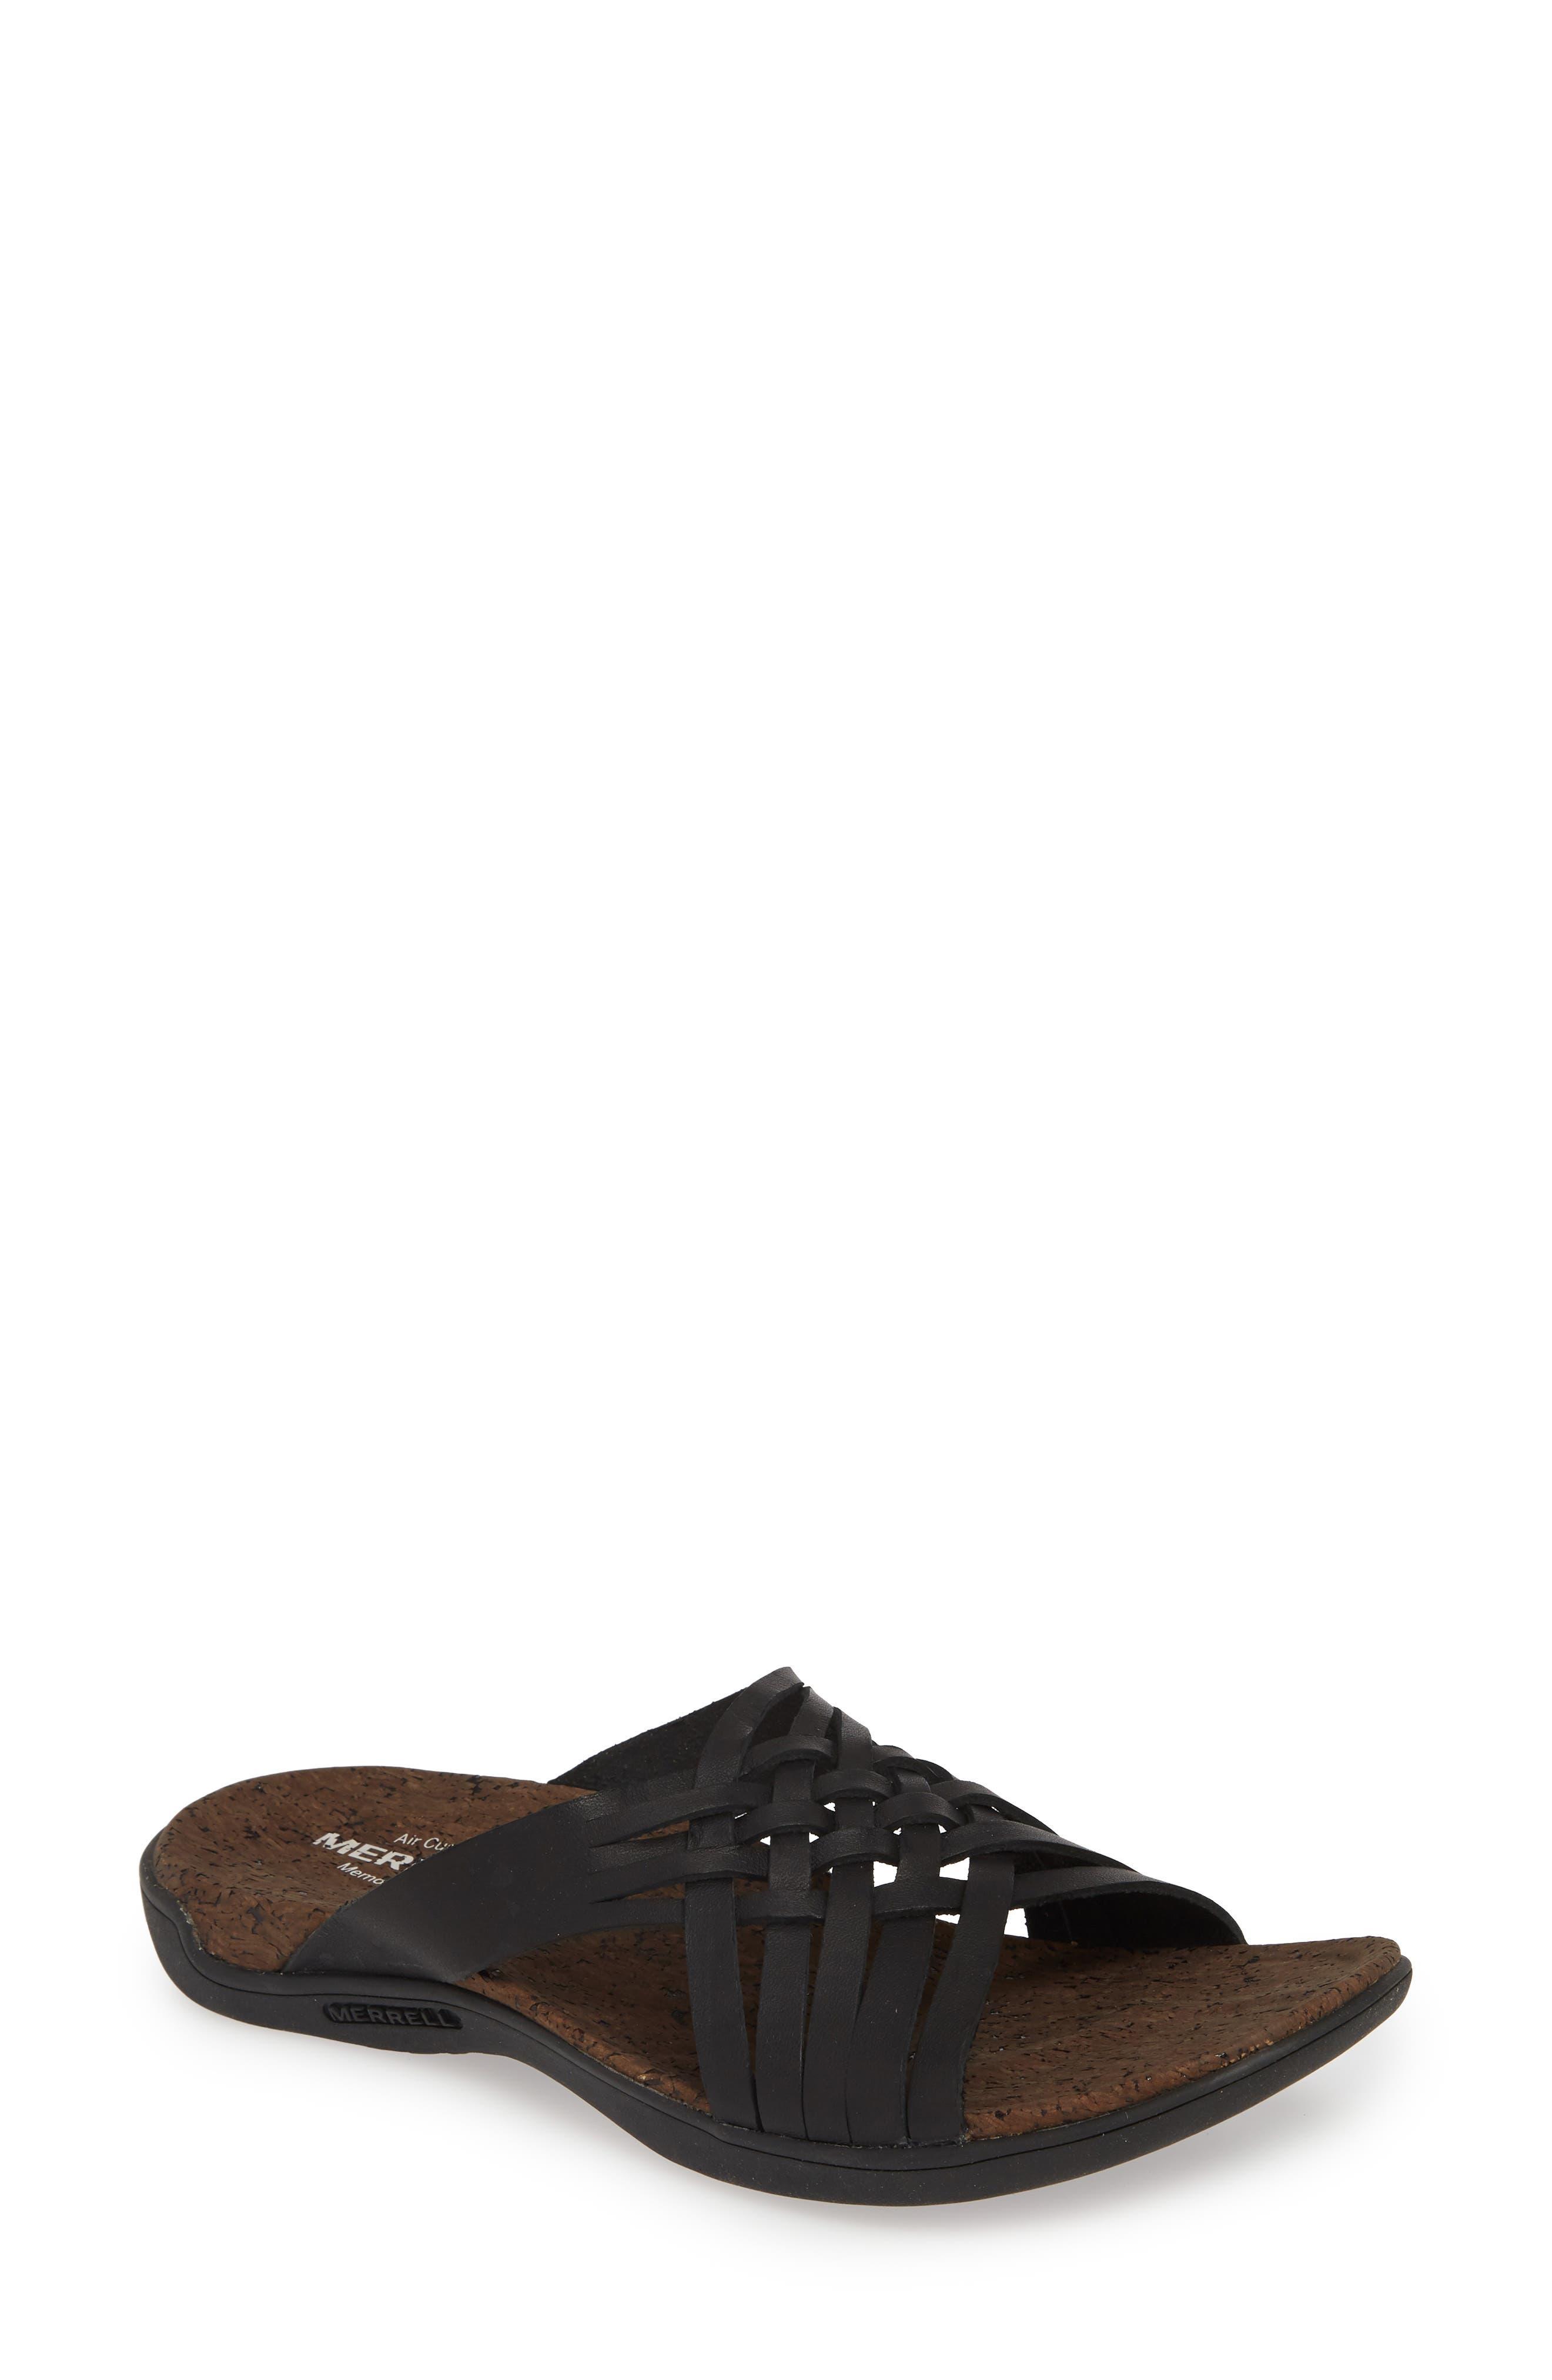 ee48e8a0a315 Women s Merrell Sandals